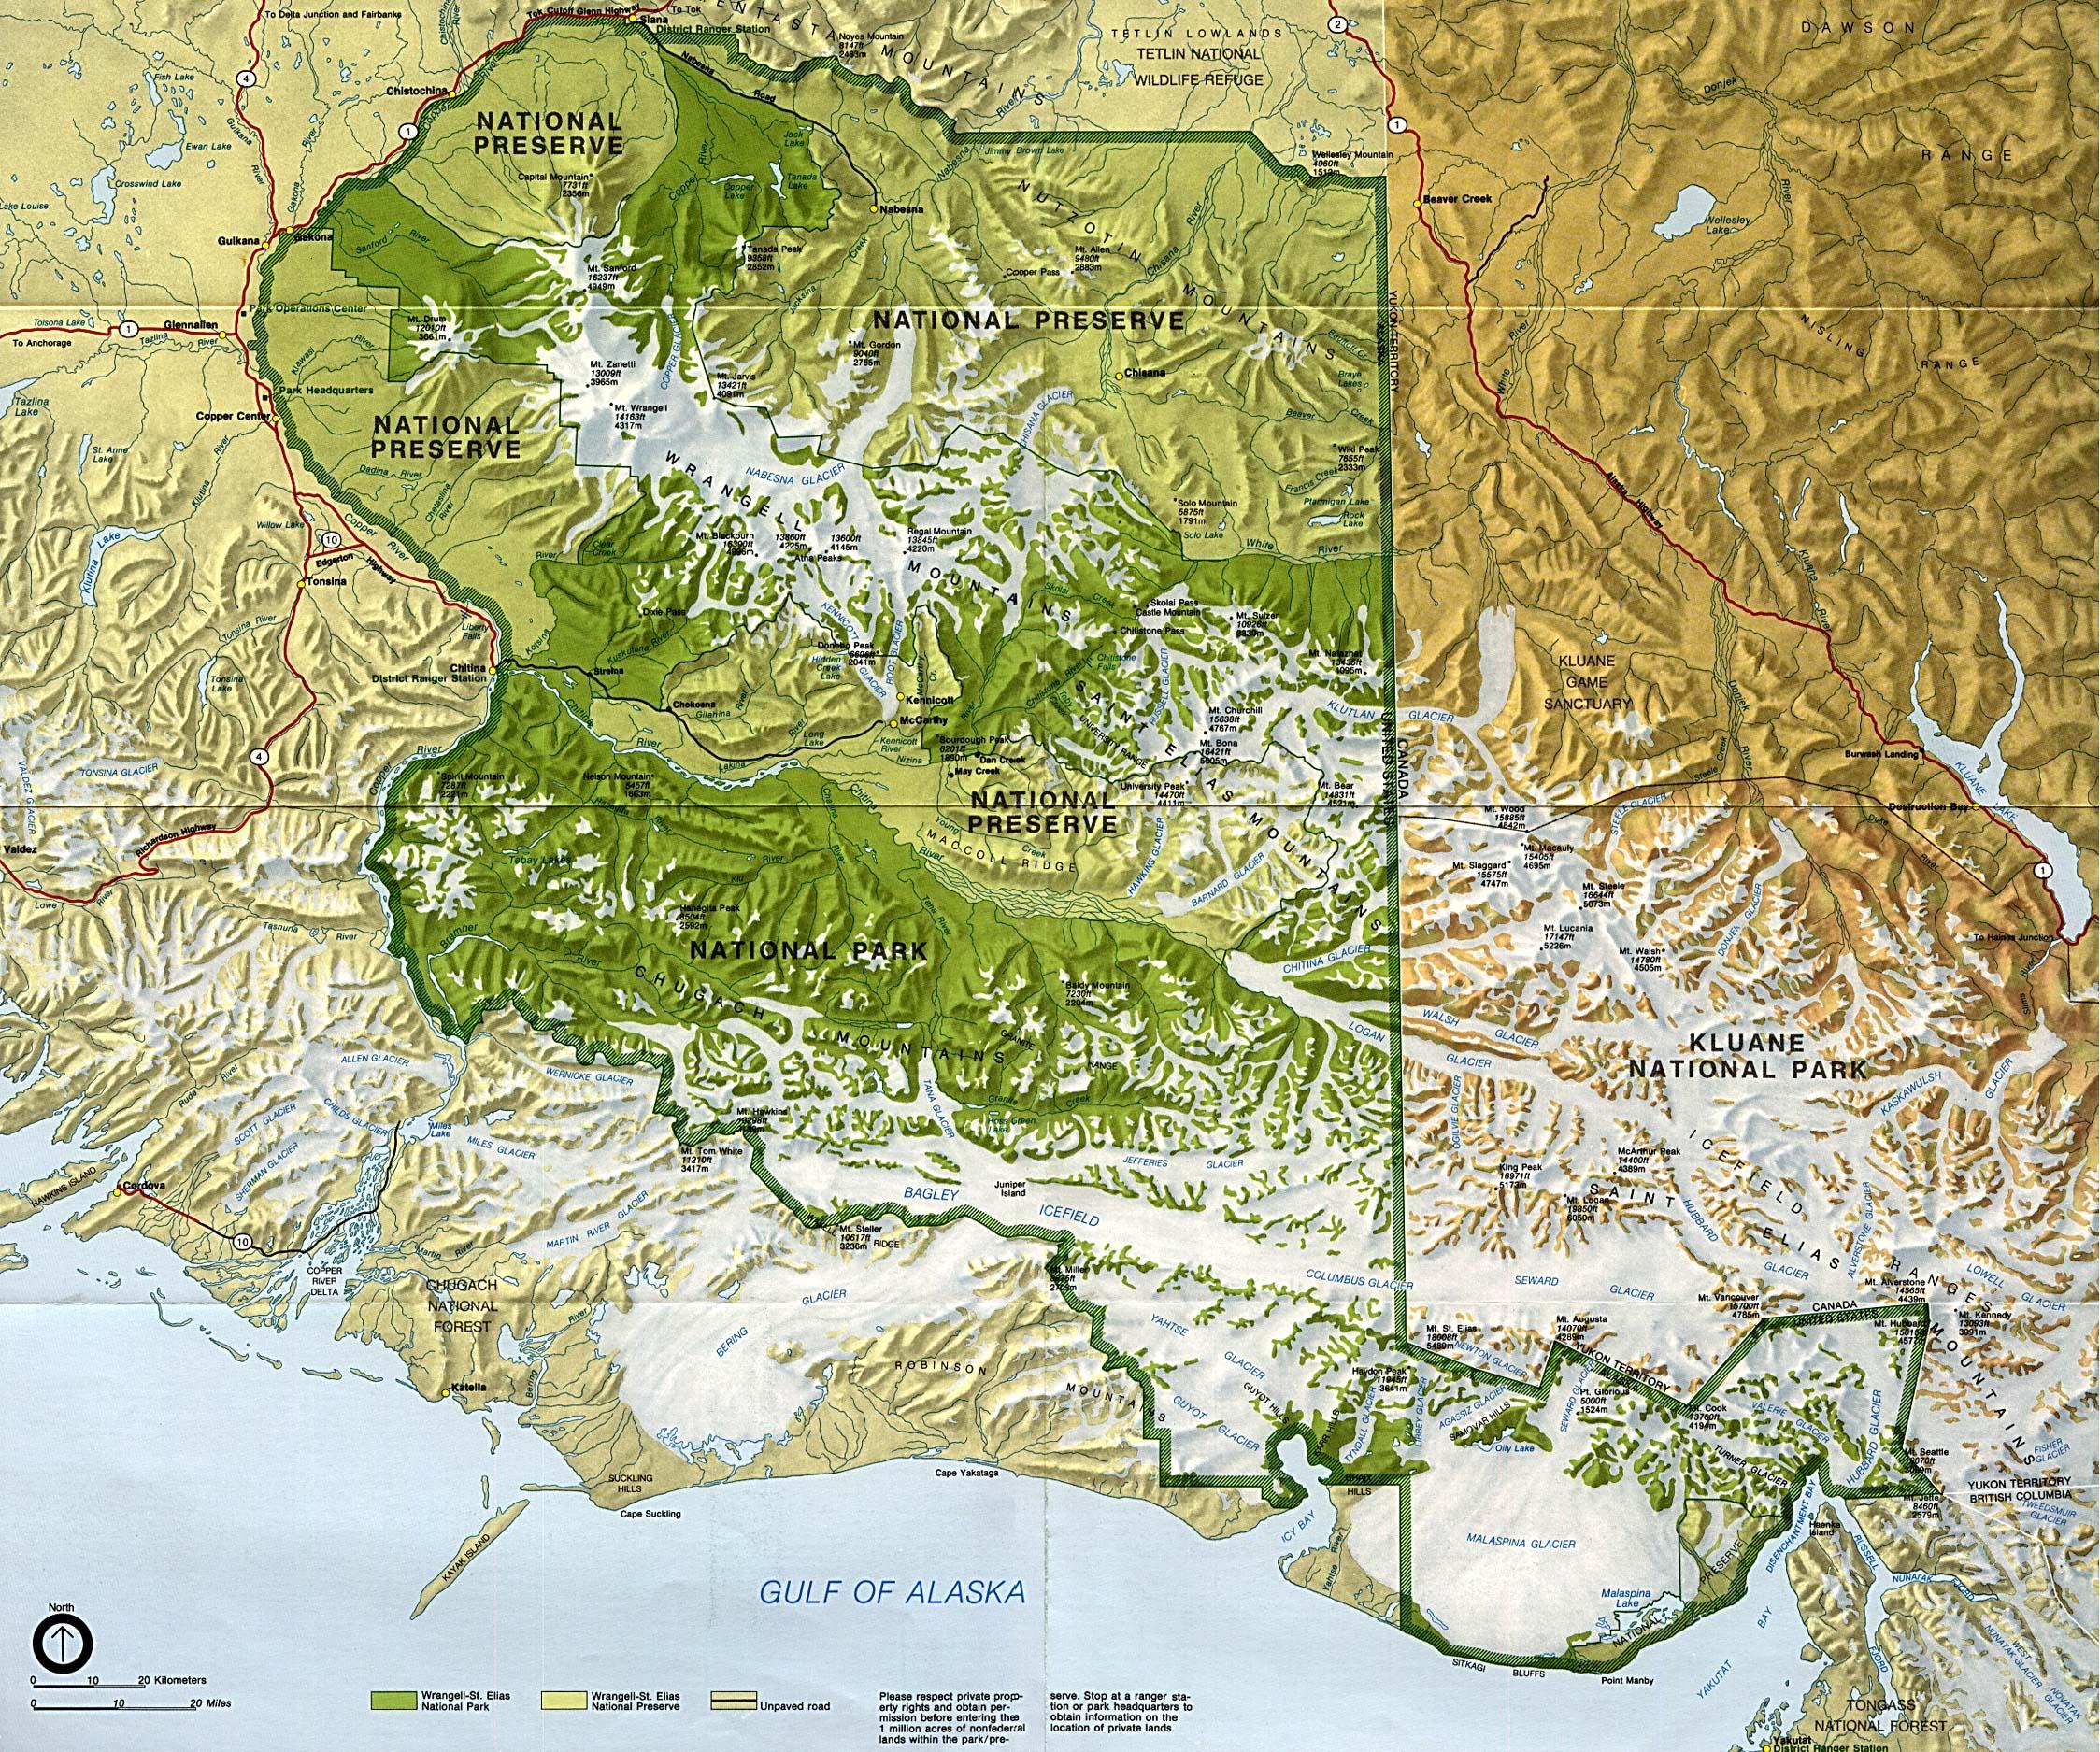 Mapa del Parque Nacional y Reserva Natural Wrangell-St. Elias, Alaska, Estados Unidos